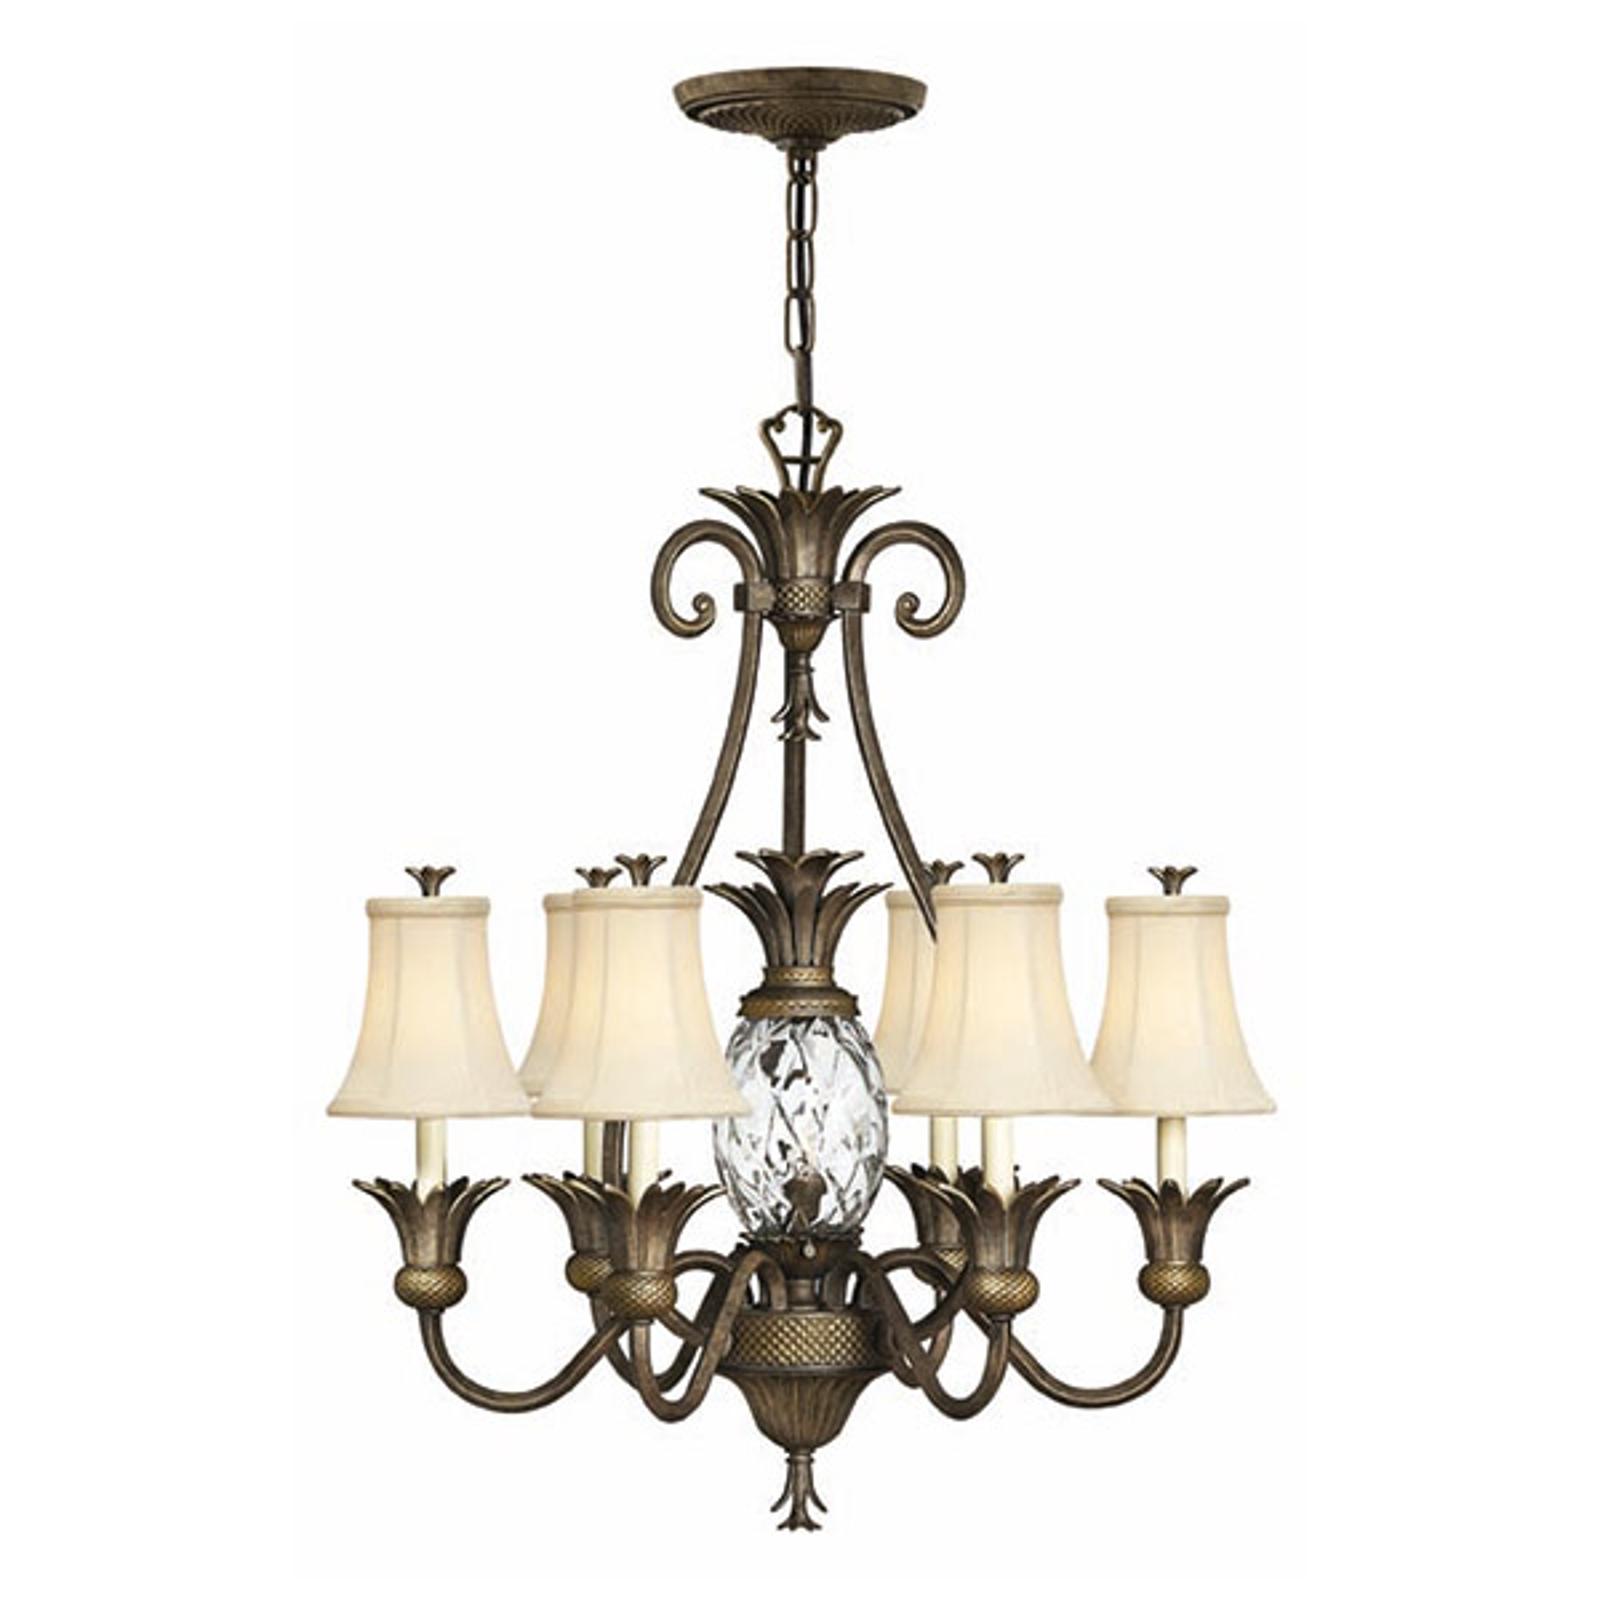 Speciell lampkrona Plantation, 6 ljuskällor